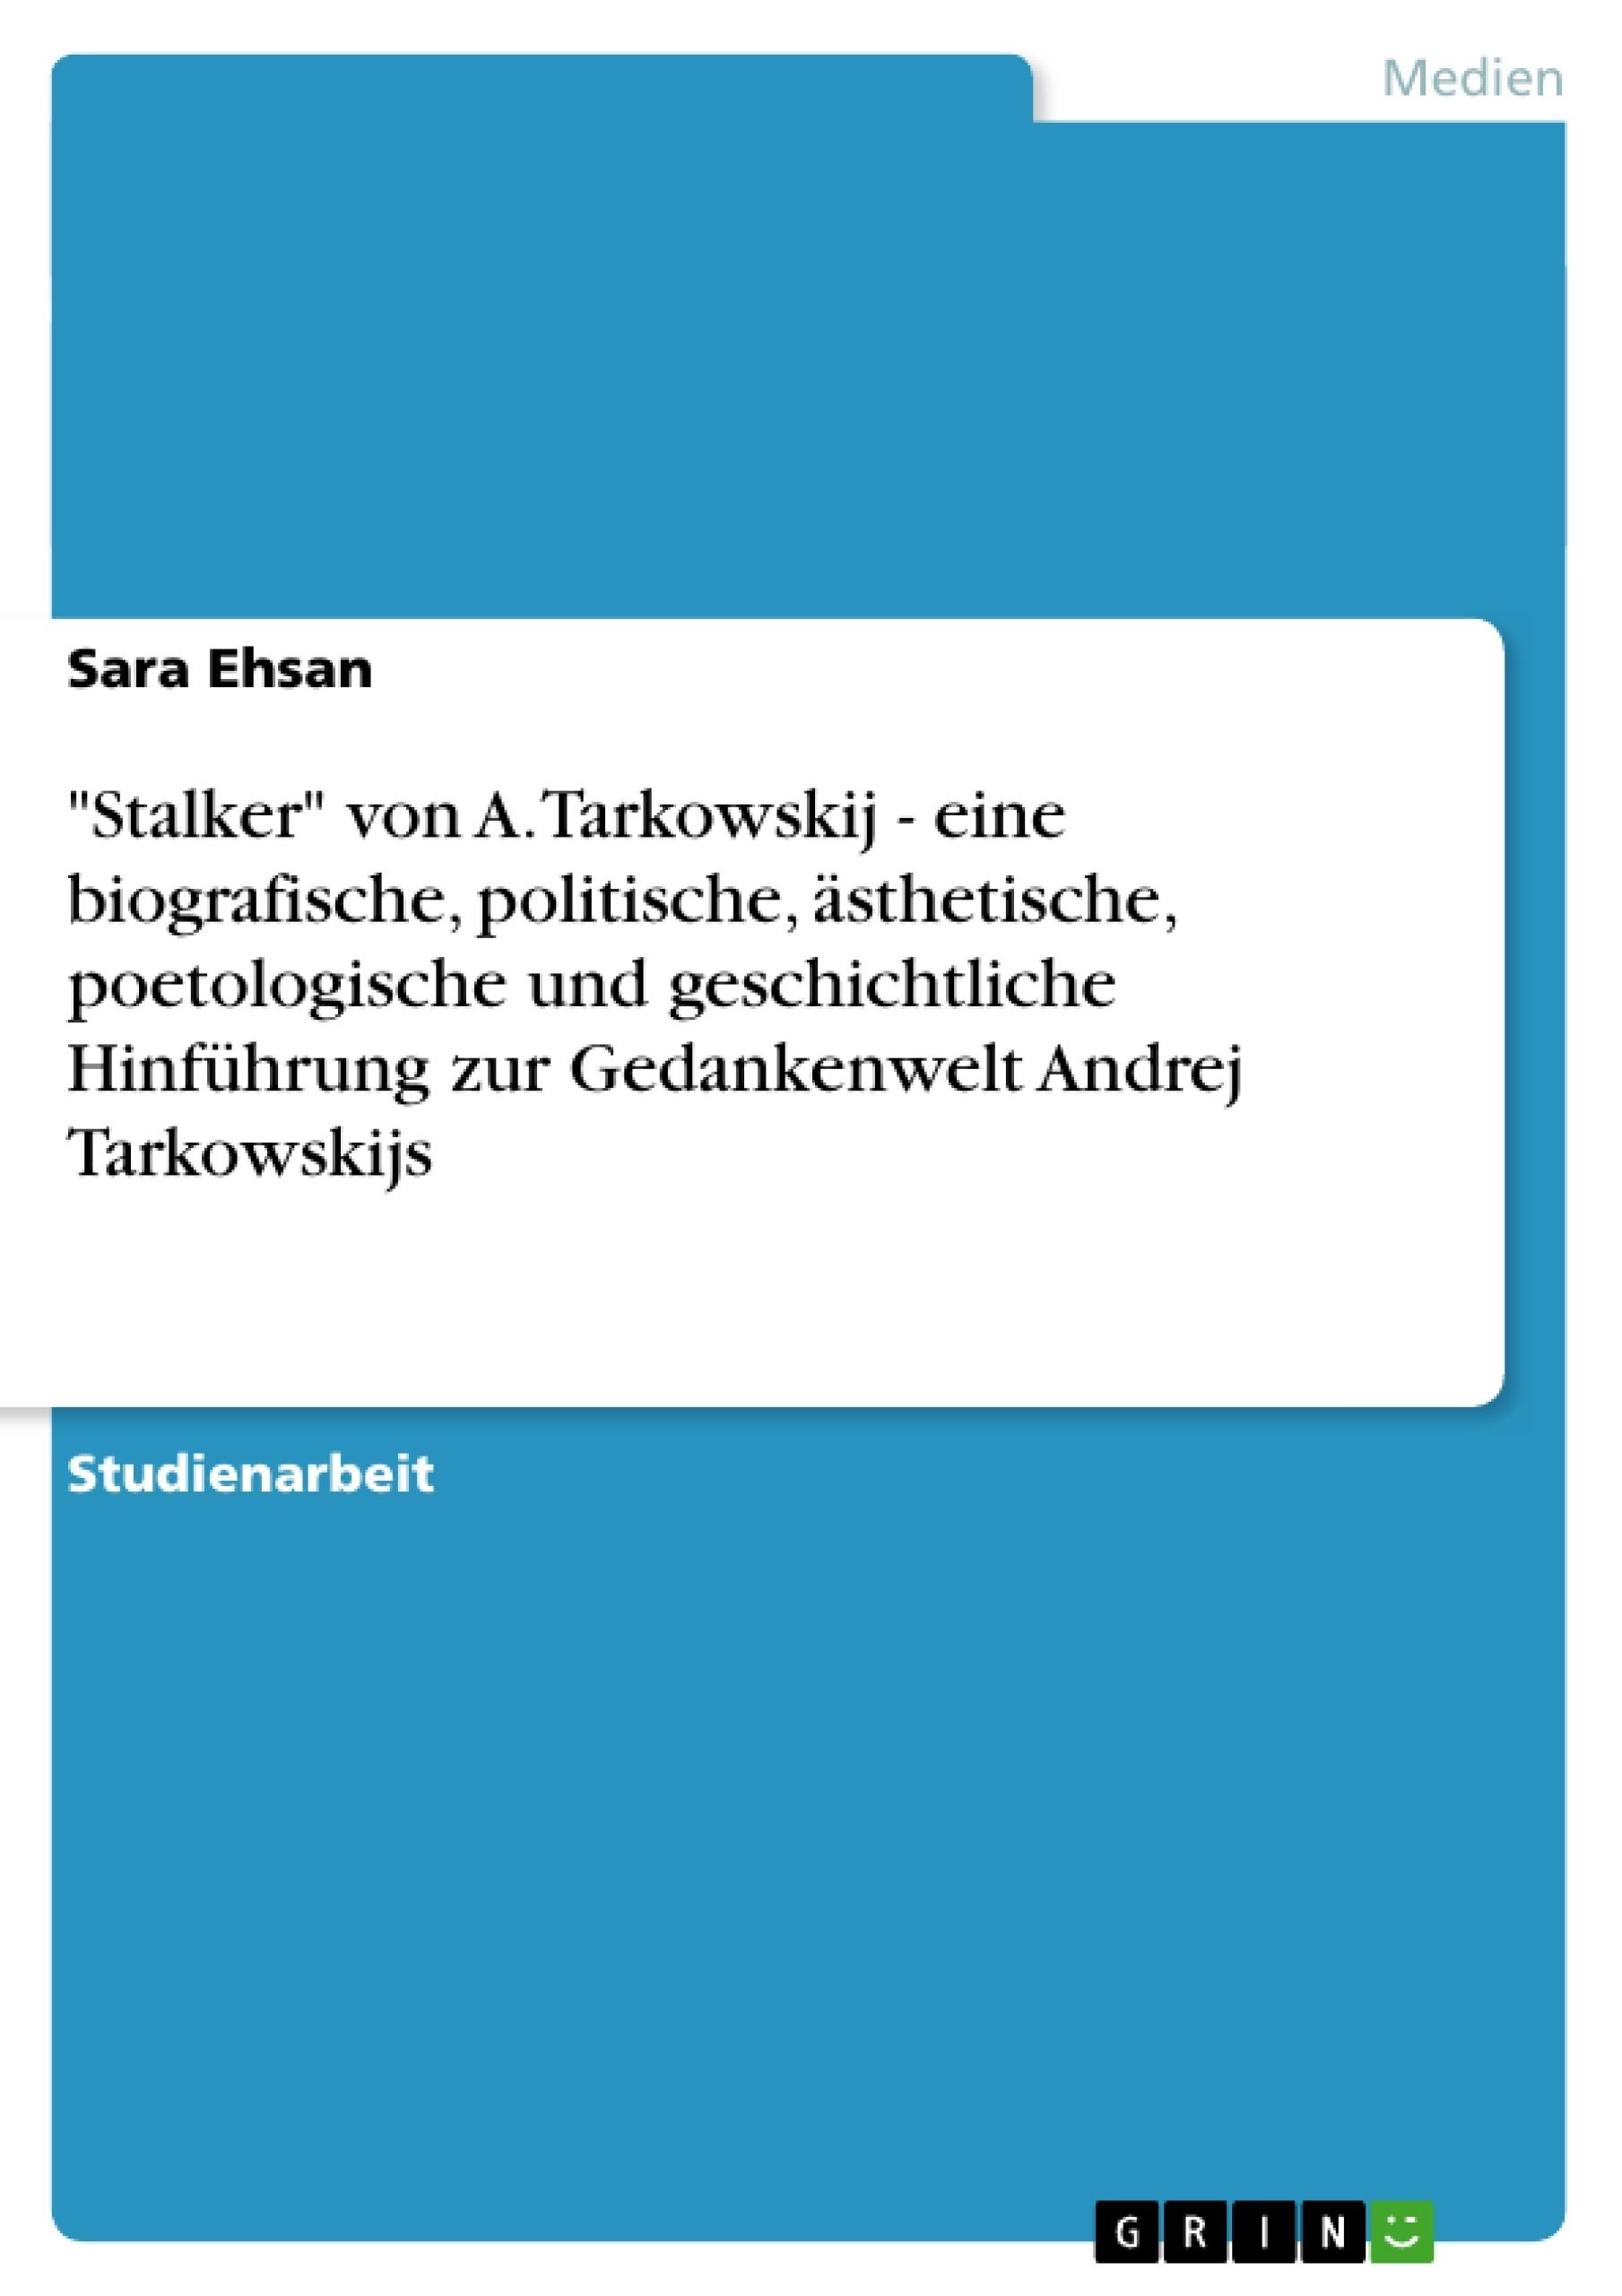 """Titel: """"Stalker"""" von A. Tarkowskij - eine biografische, politische, ästhetische, poetologische und geschichtliche Hinführung zur Gedankenwelt Andrej Tarkowskijs"""